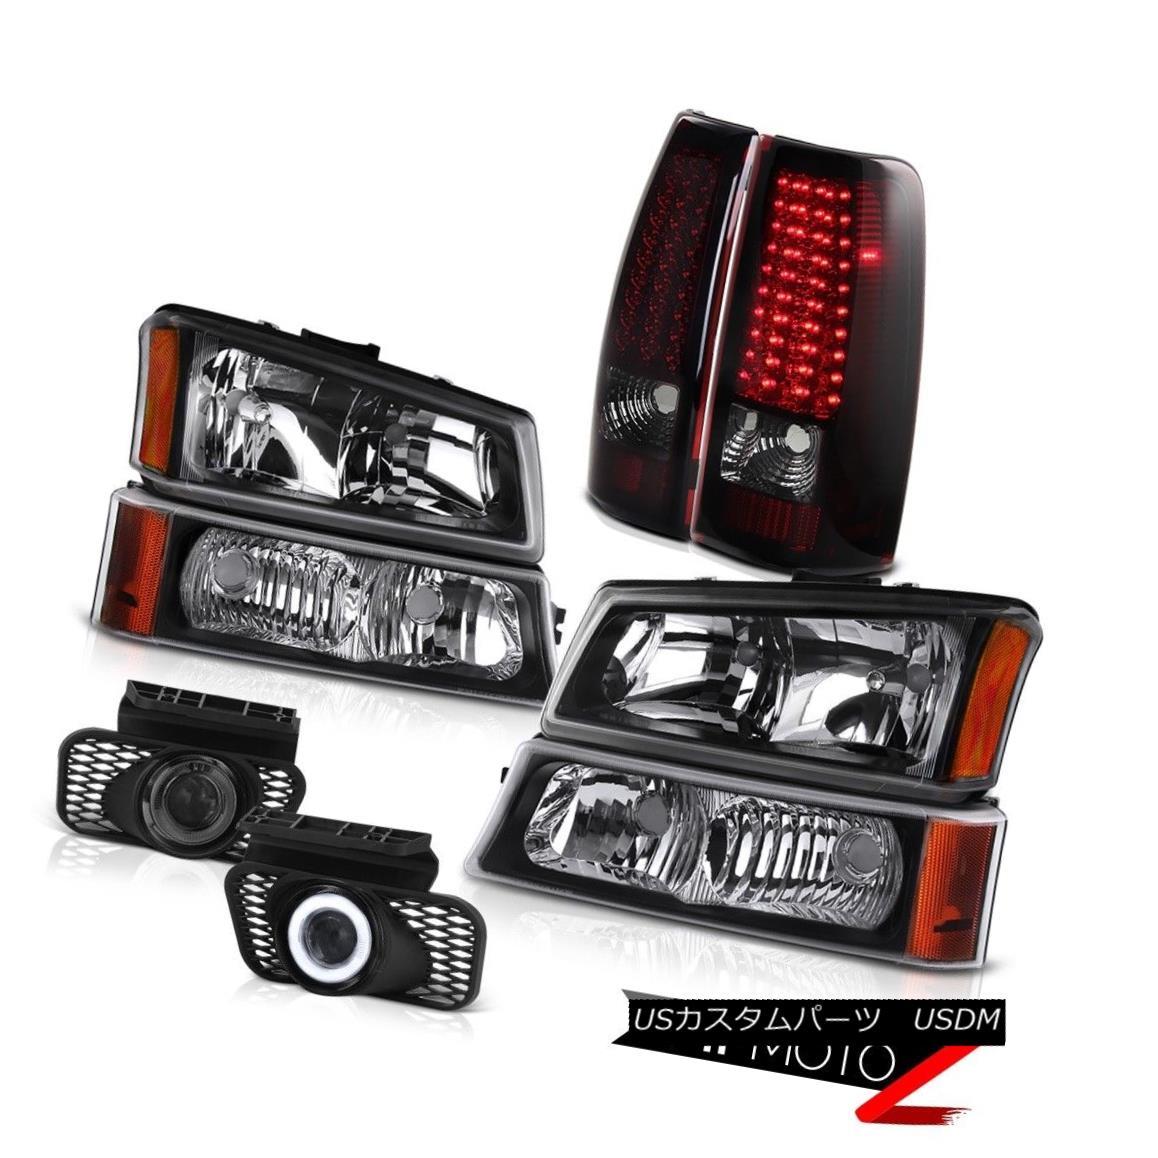 ヘッドライト Black Headlights Parking Lamp LED Tail Lights Projector Fog 03-06 Silverado 6.0L ブラックヘッドライトパーキングランプLEDテールライトプロジェクターフォグ03-06 Silverado 6.0L